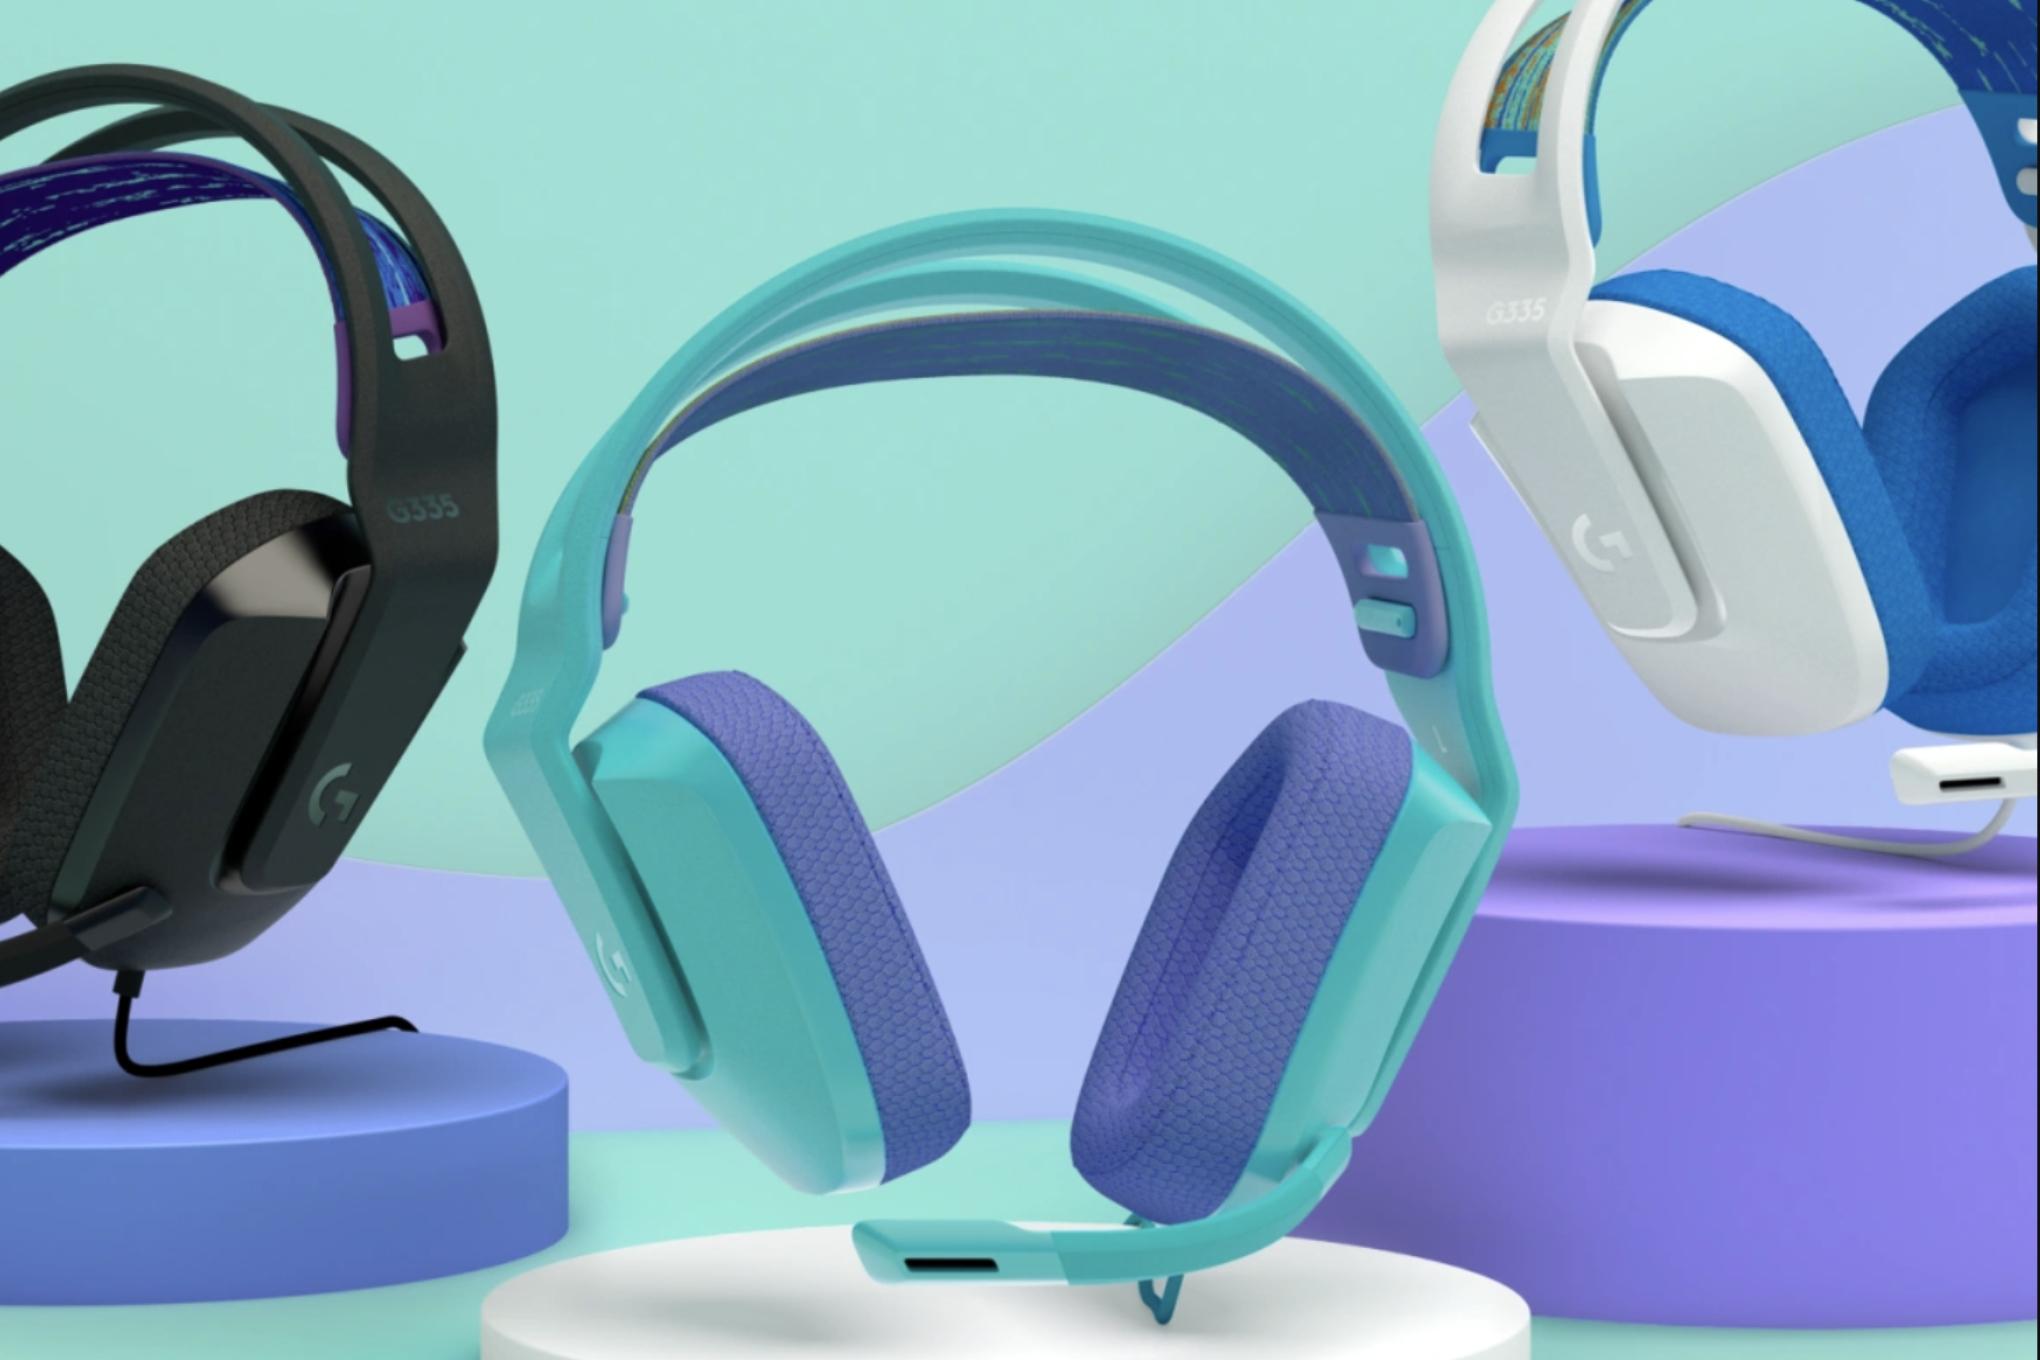 Logitech G335 headset